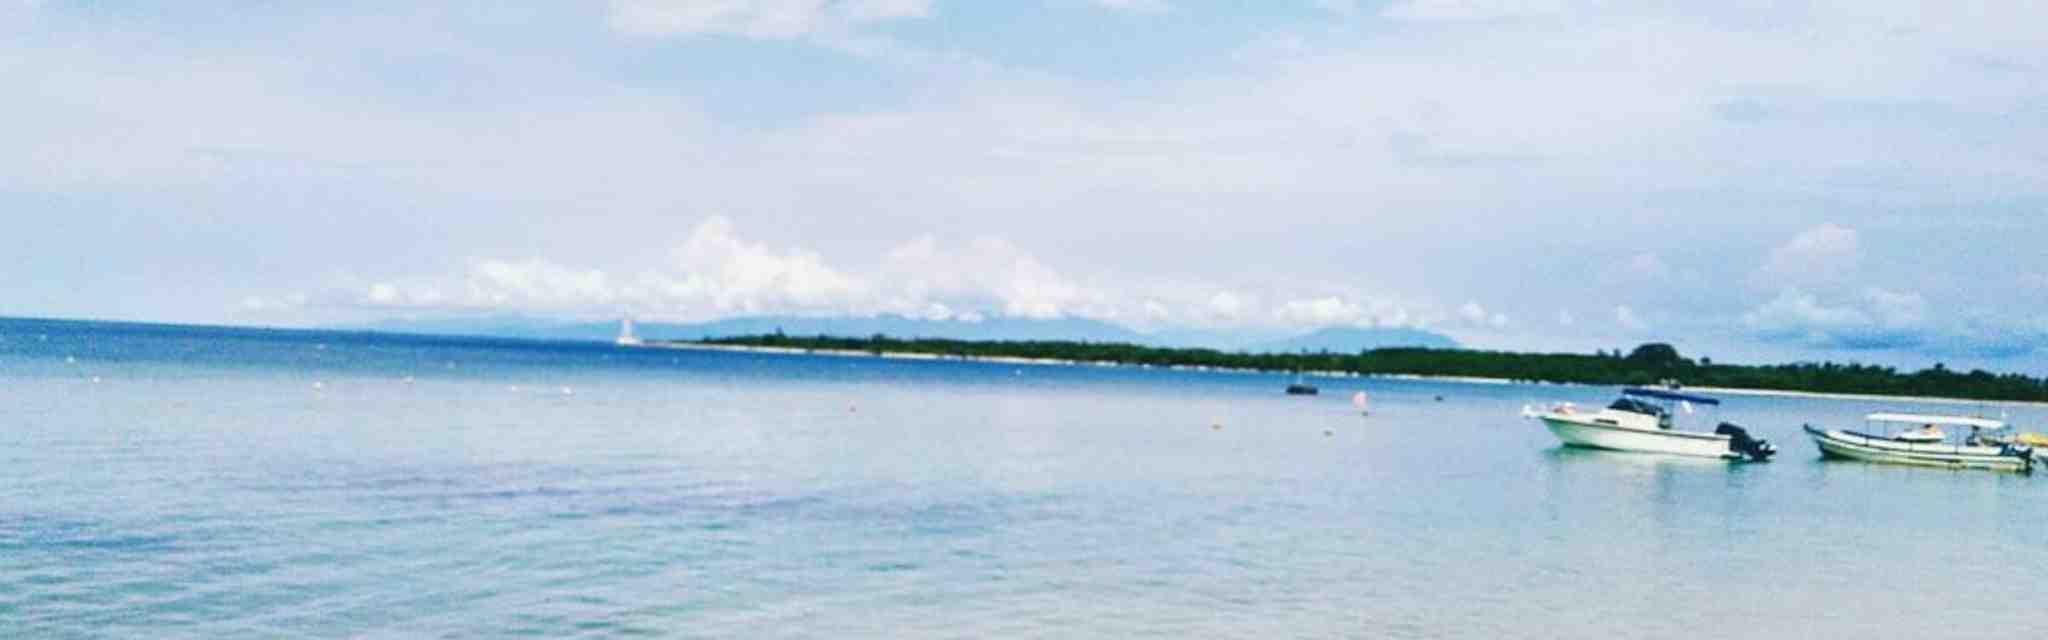 10 Pantai di Banten untuk Kamu yang Ingin Liburan Tak Biasa